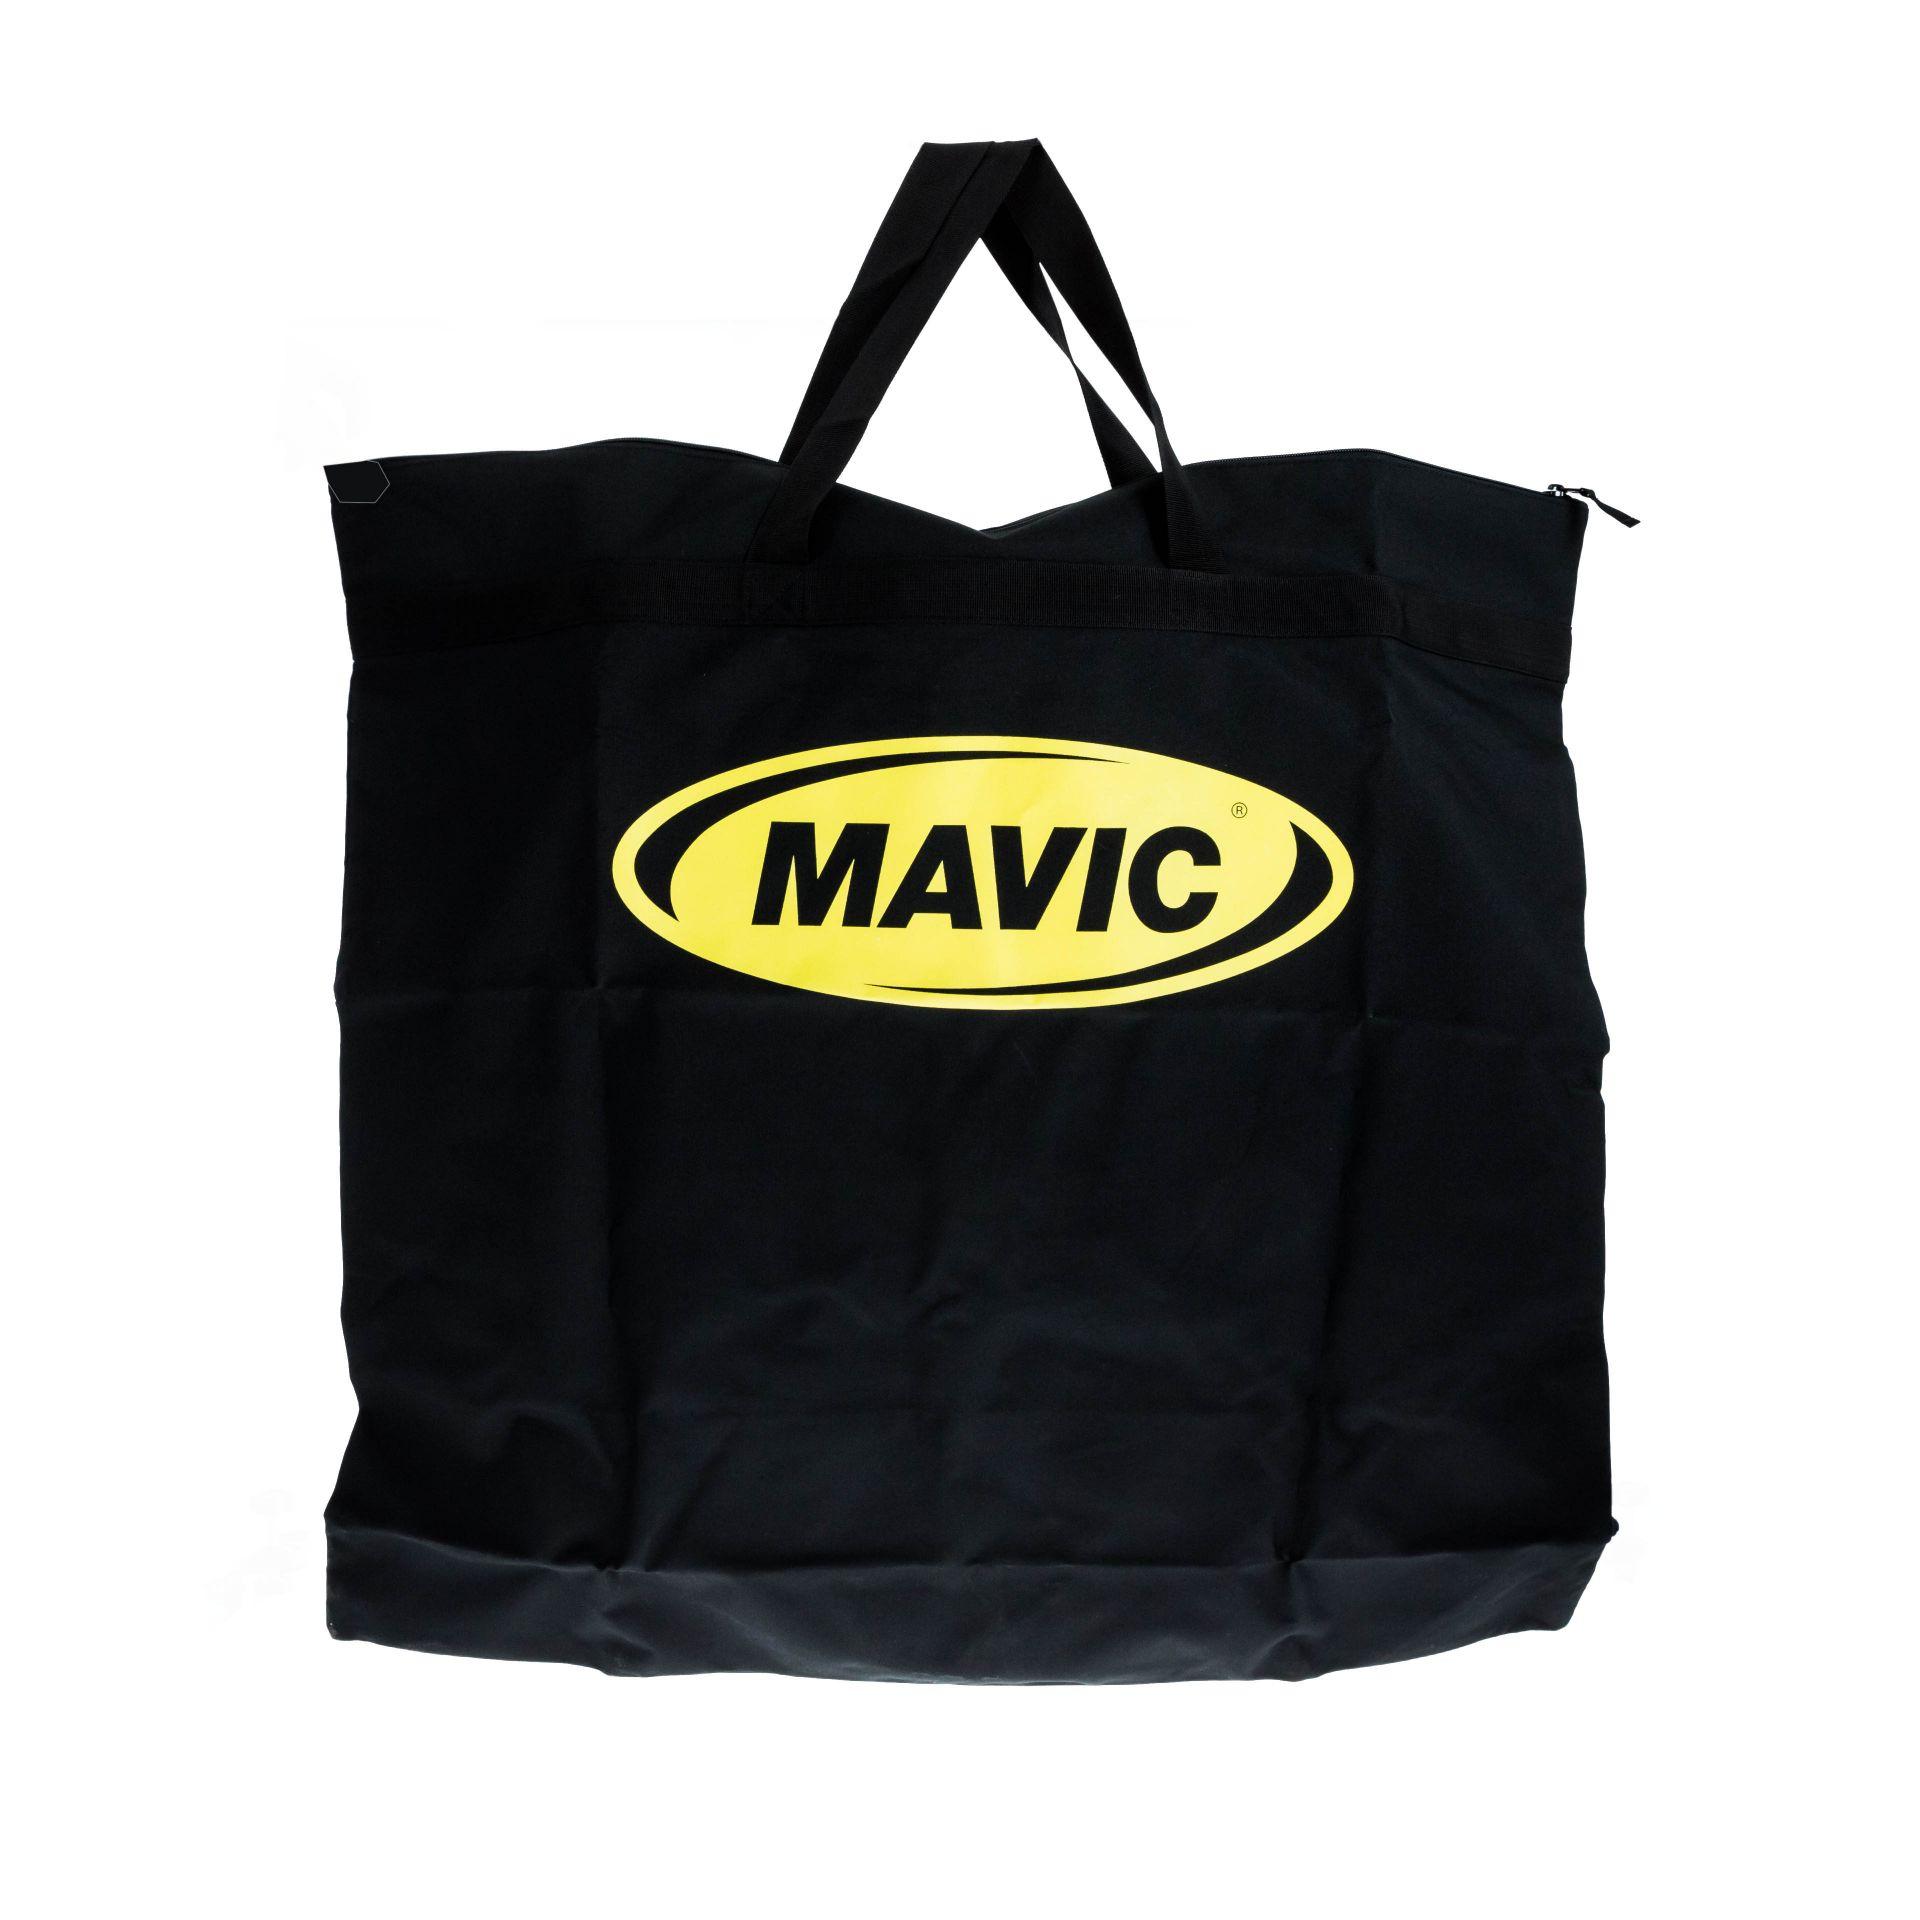 Housse de roue VTT Mavic Noir/Jaune (Unité)